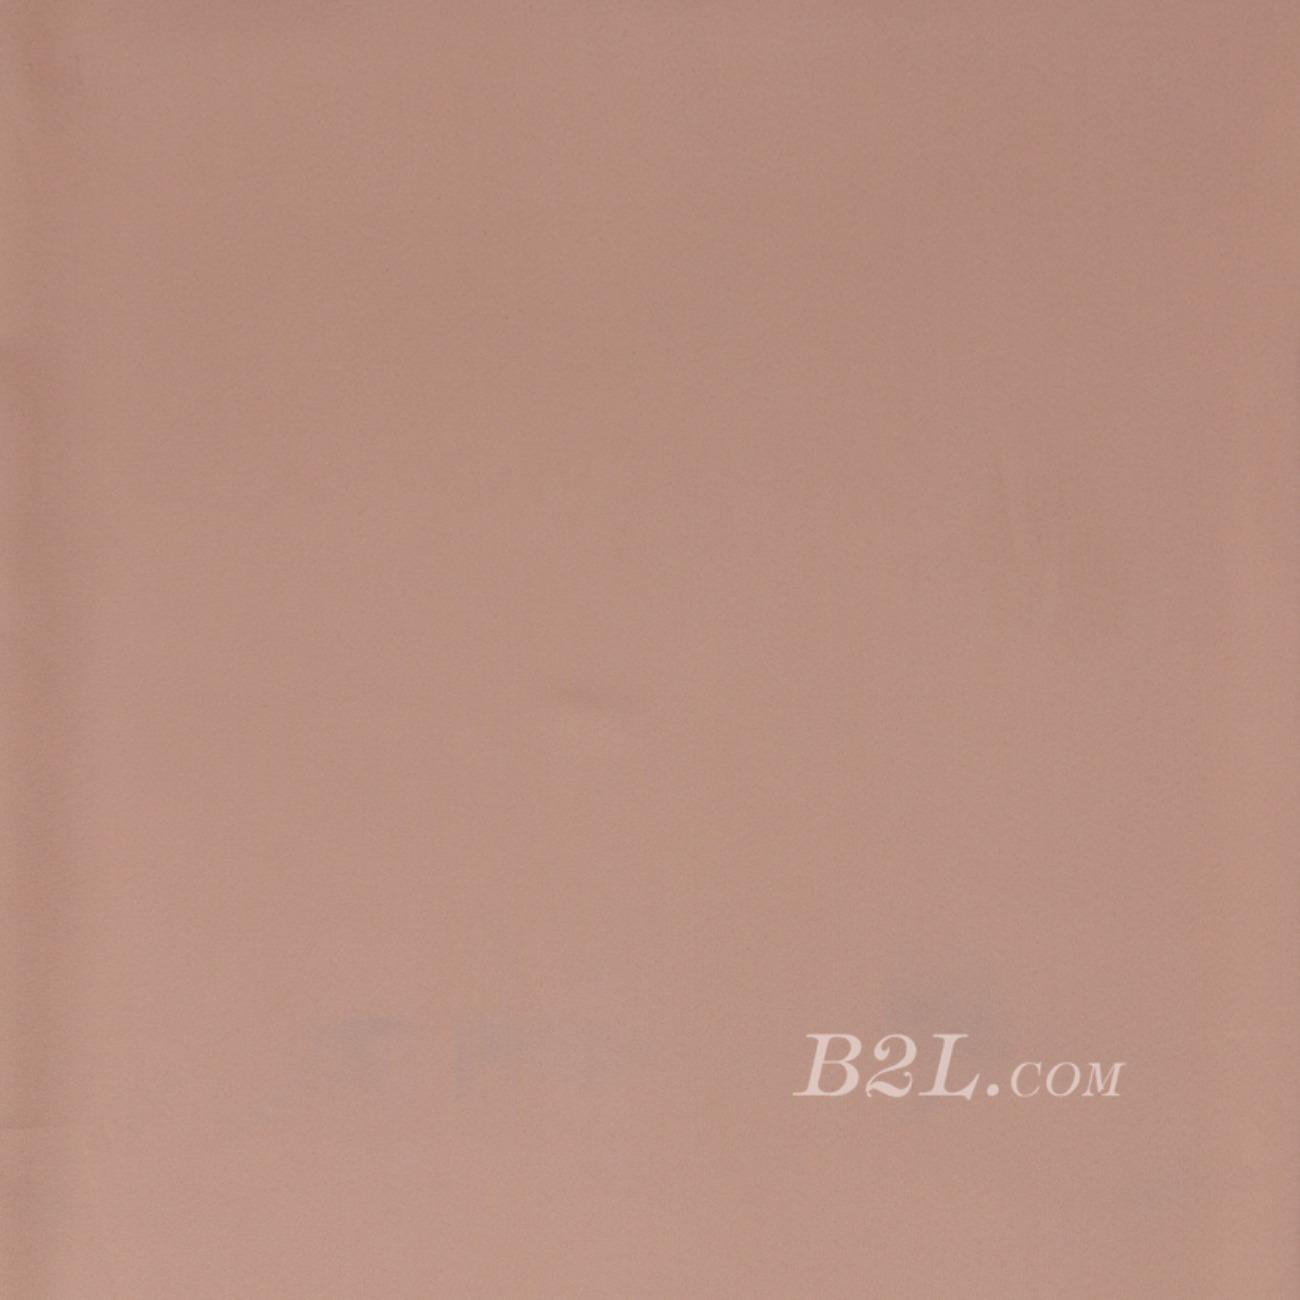 平纹梭织素色染色连衣裙 短裙 衬衫 四面弹春 秋 柔软 薄 绒感 70703-22